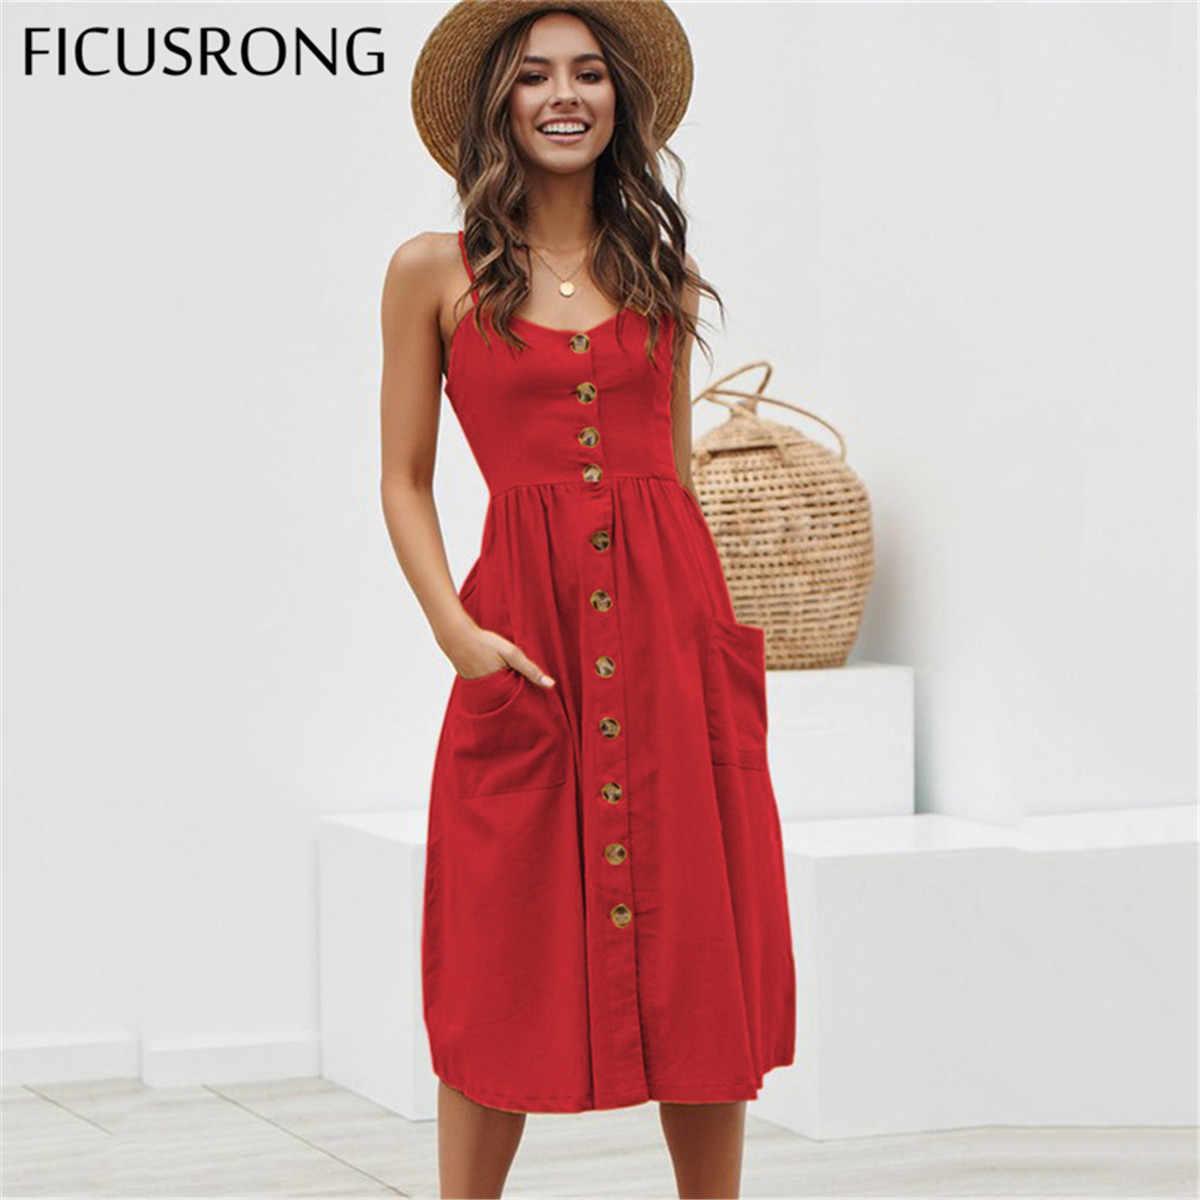 Женское платье на элегантных кнопках красное Хлопковое платье миди в горошек 2019 летнее повседневное женское пляжное платье больших размеров